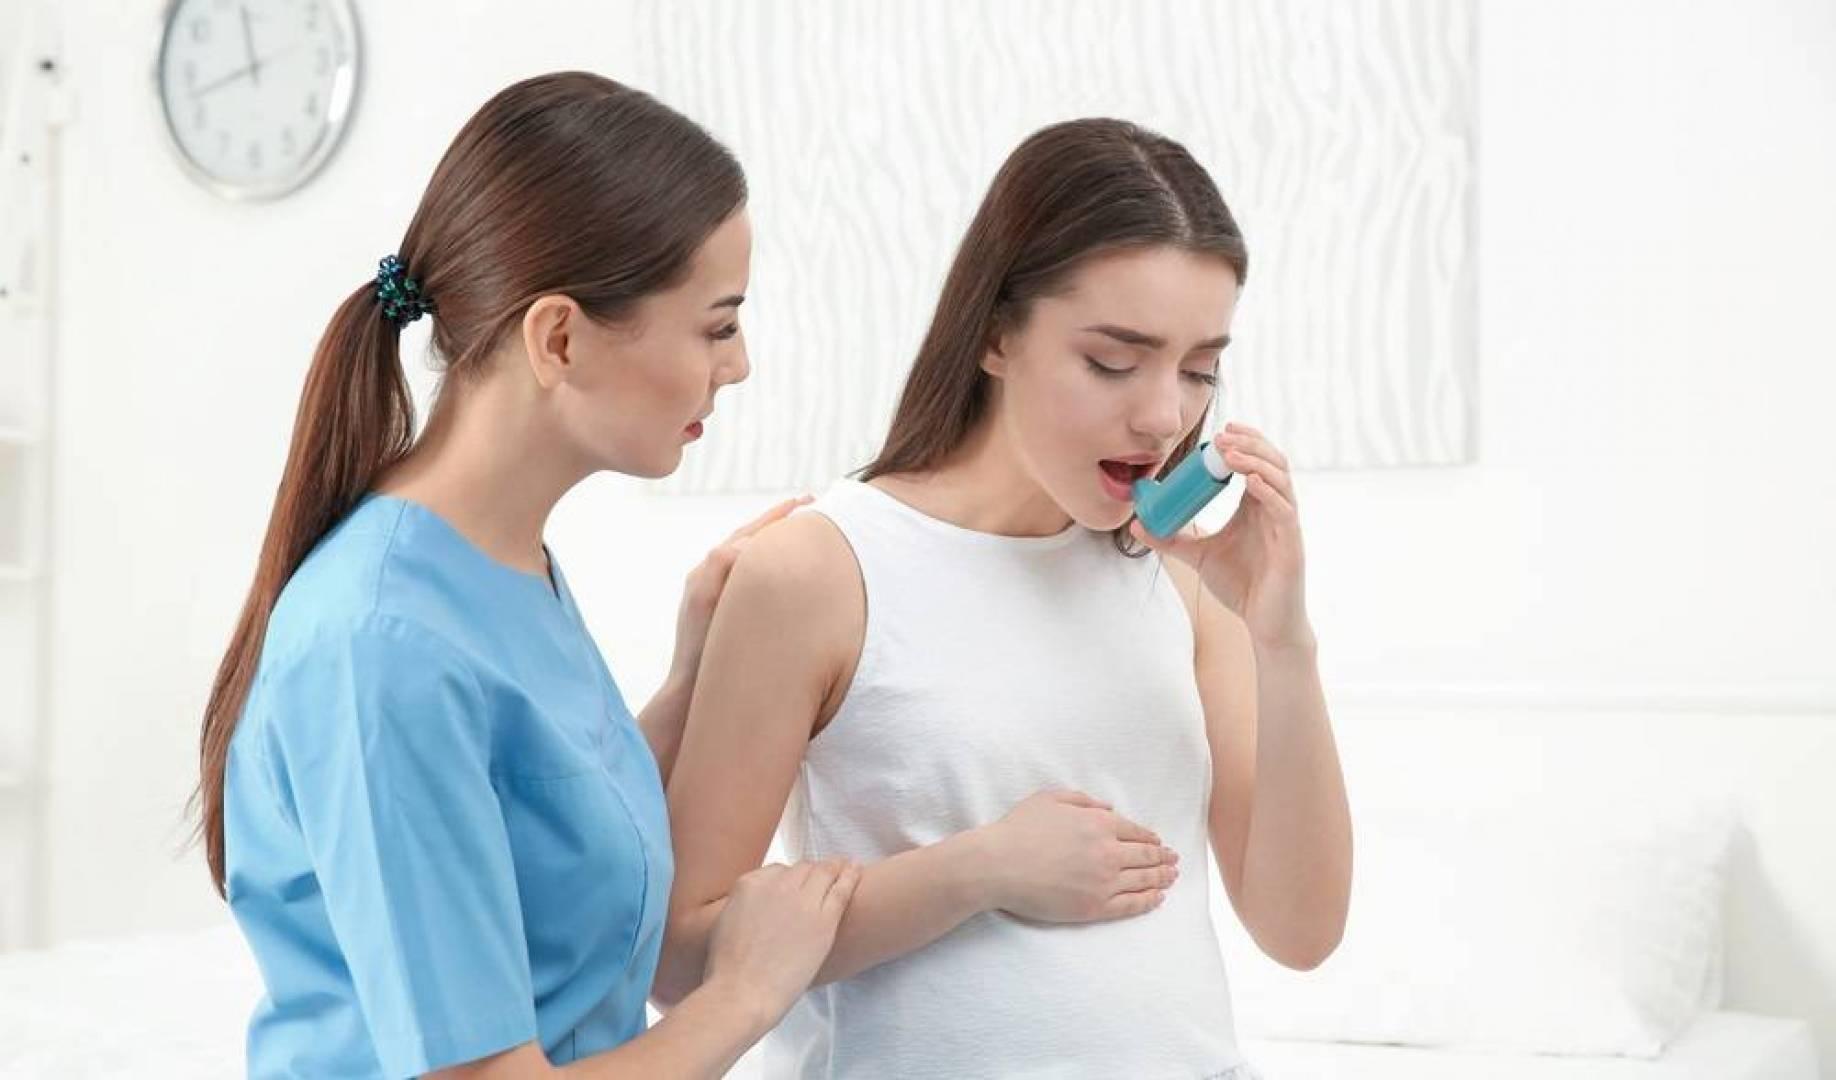 الحمل ومرض الربو.. كيف تتحكمين في الأعراض التي تعانين منها؟